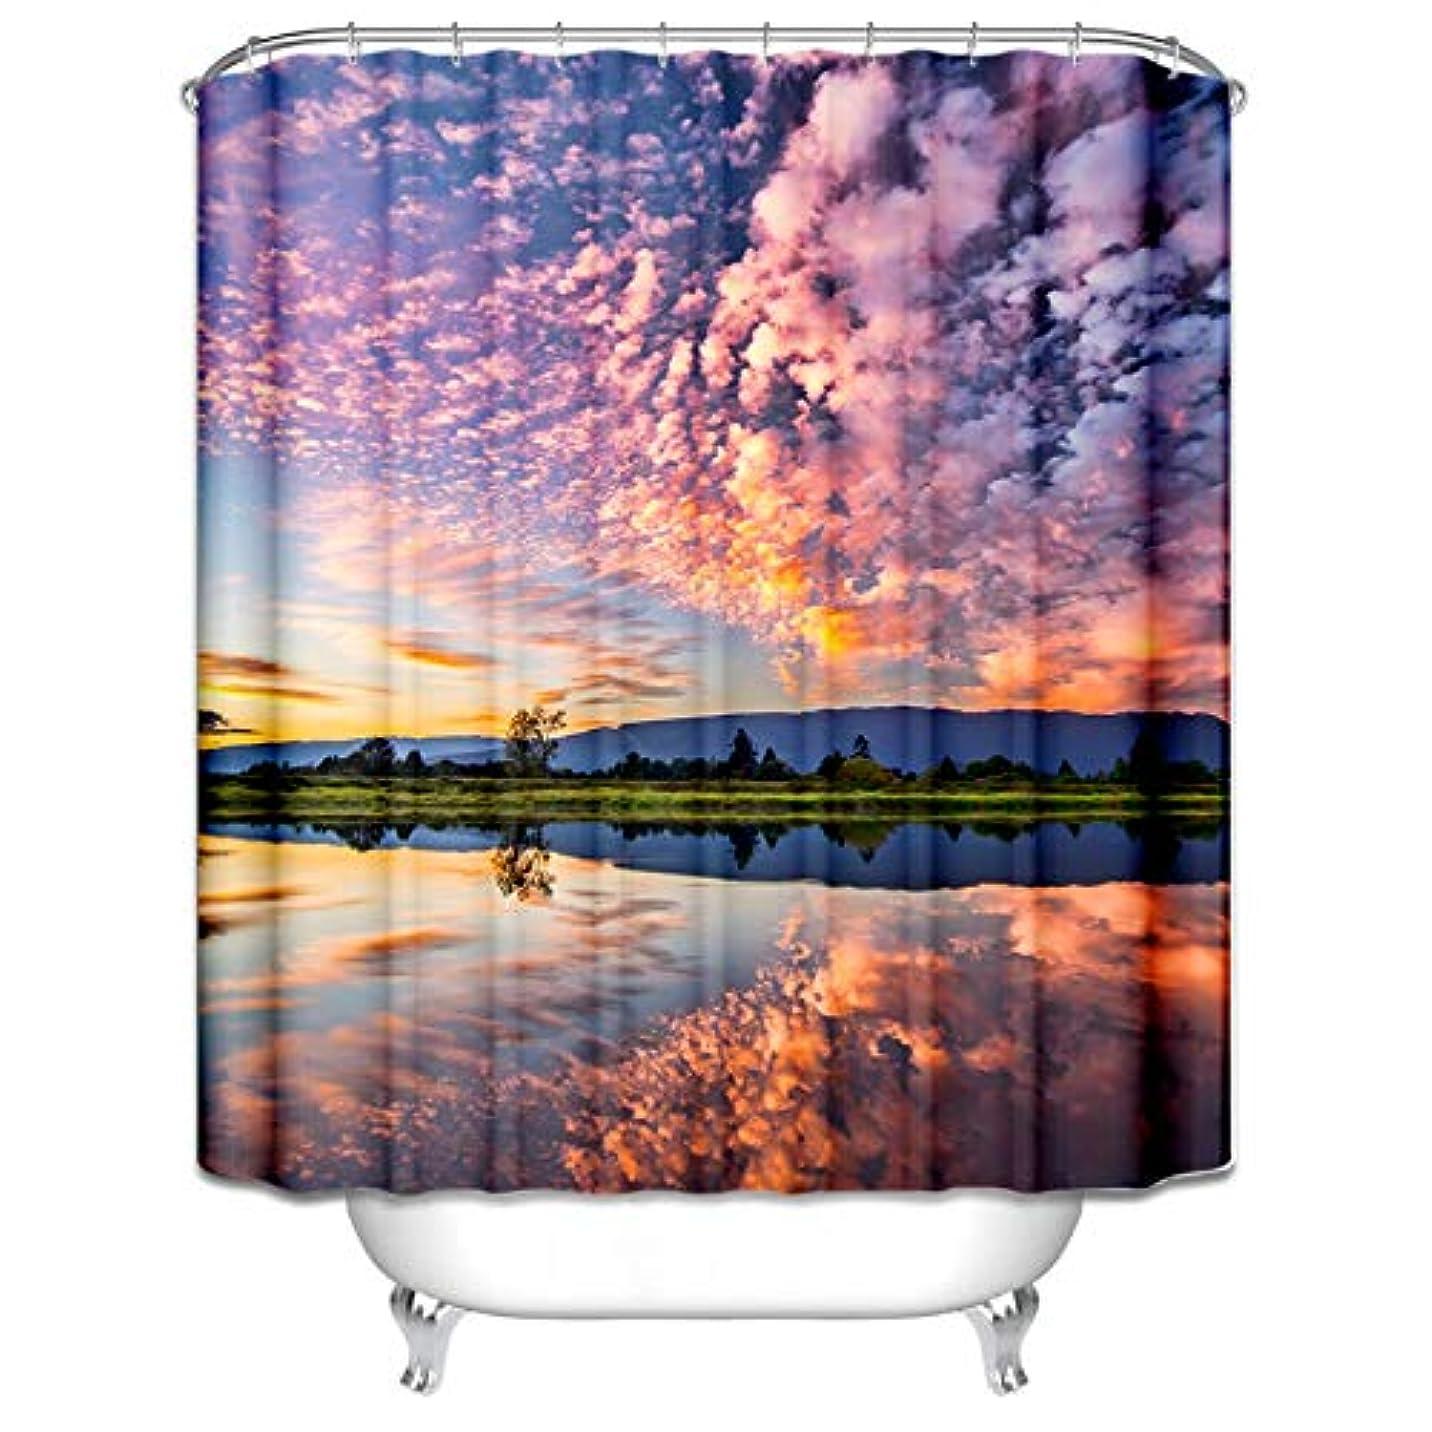 火山学者伝えるだますSMART 48 × 120 センチメートルベンチソファクッション装飾高品質ポリエステル繊維ジャー椅子のクッション暖かい快適な畳マットパッド クッション 椅子